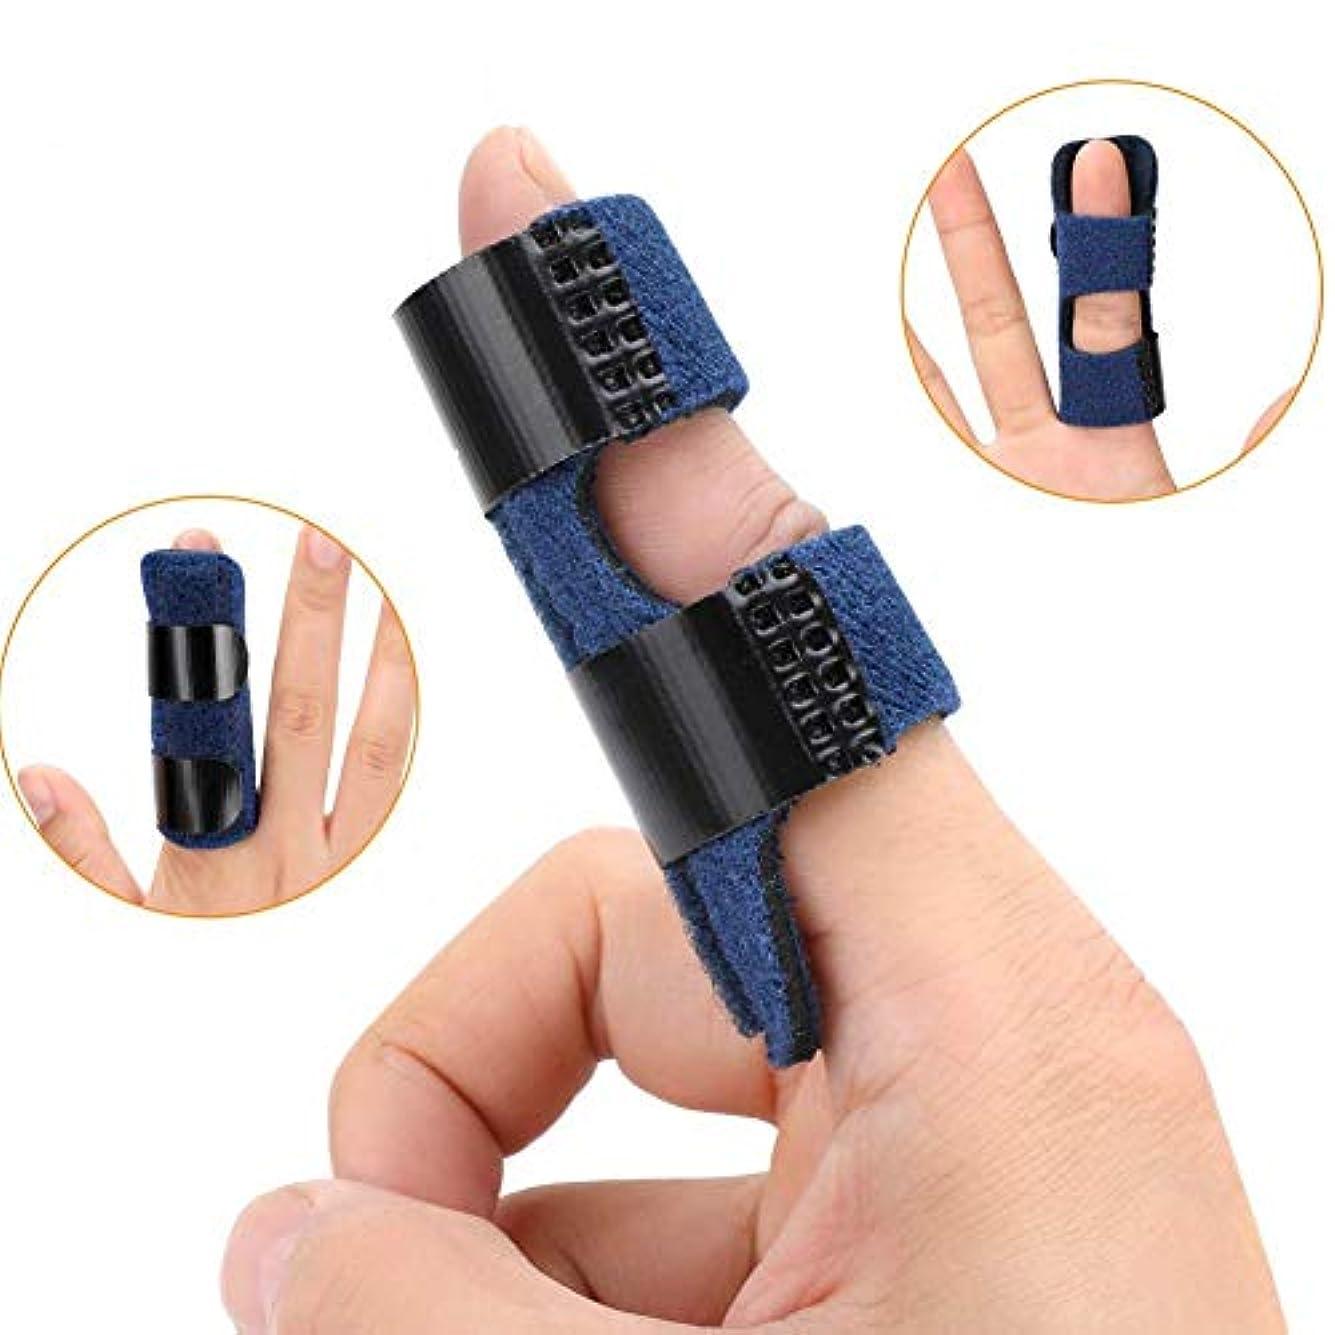 セクションまばたきチョコレート全指用指袖のサポートの拡張スプリント、関節炎ばね指スプリント、指スタビライザー、指、指の骨折、腱リリース&痛みを軽減-Giftフィンガー (Color : 青)